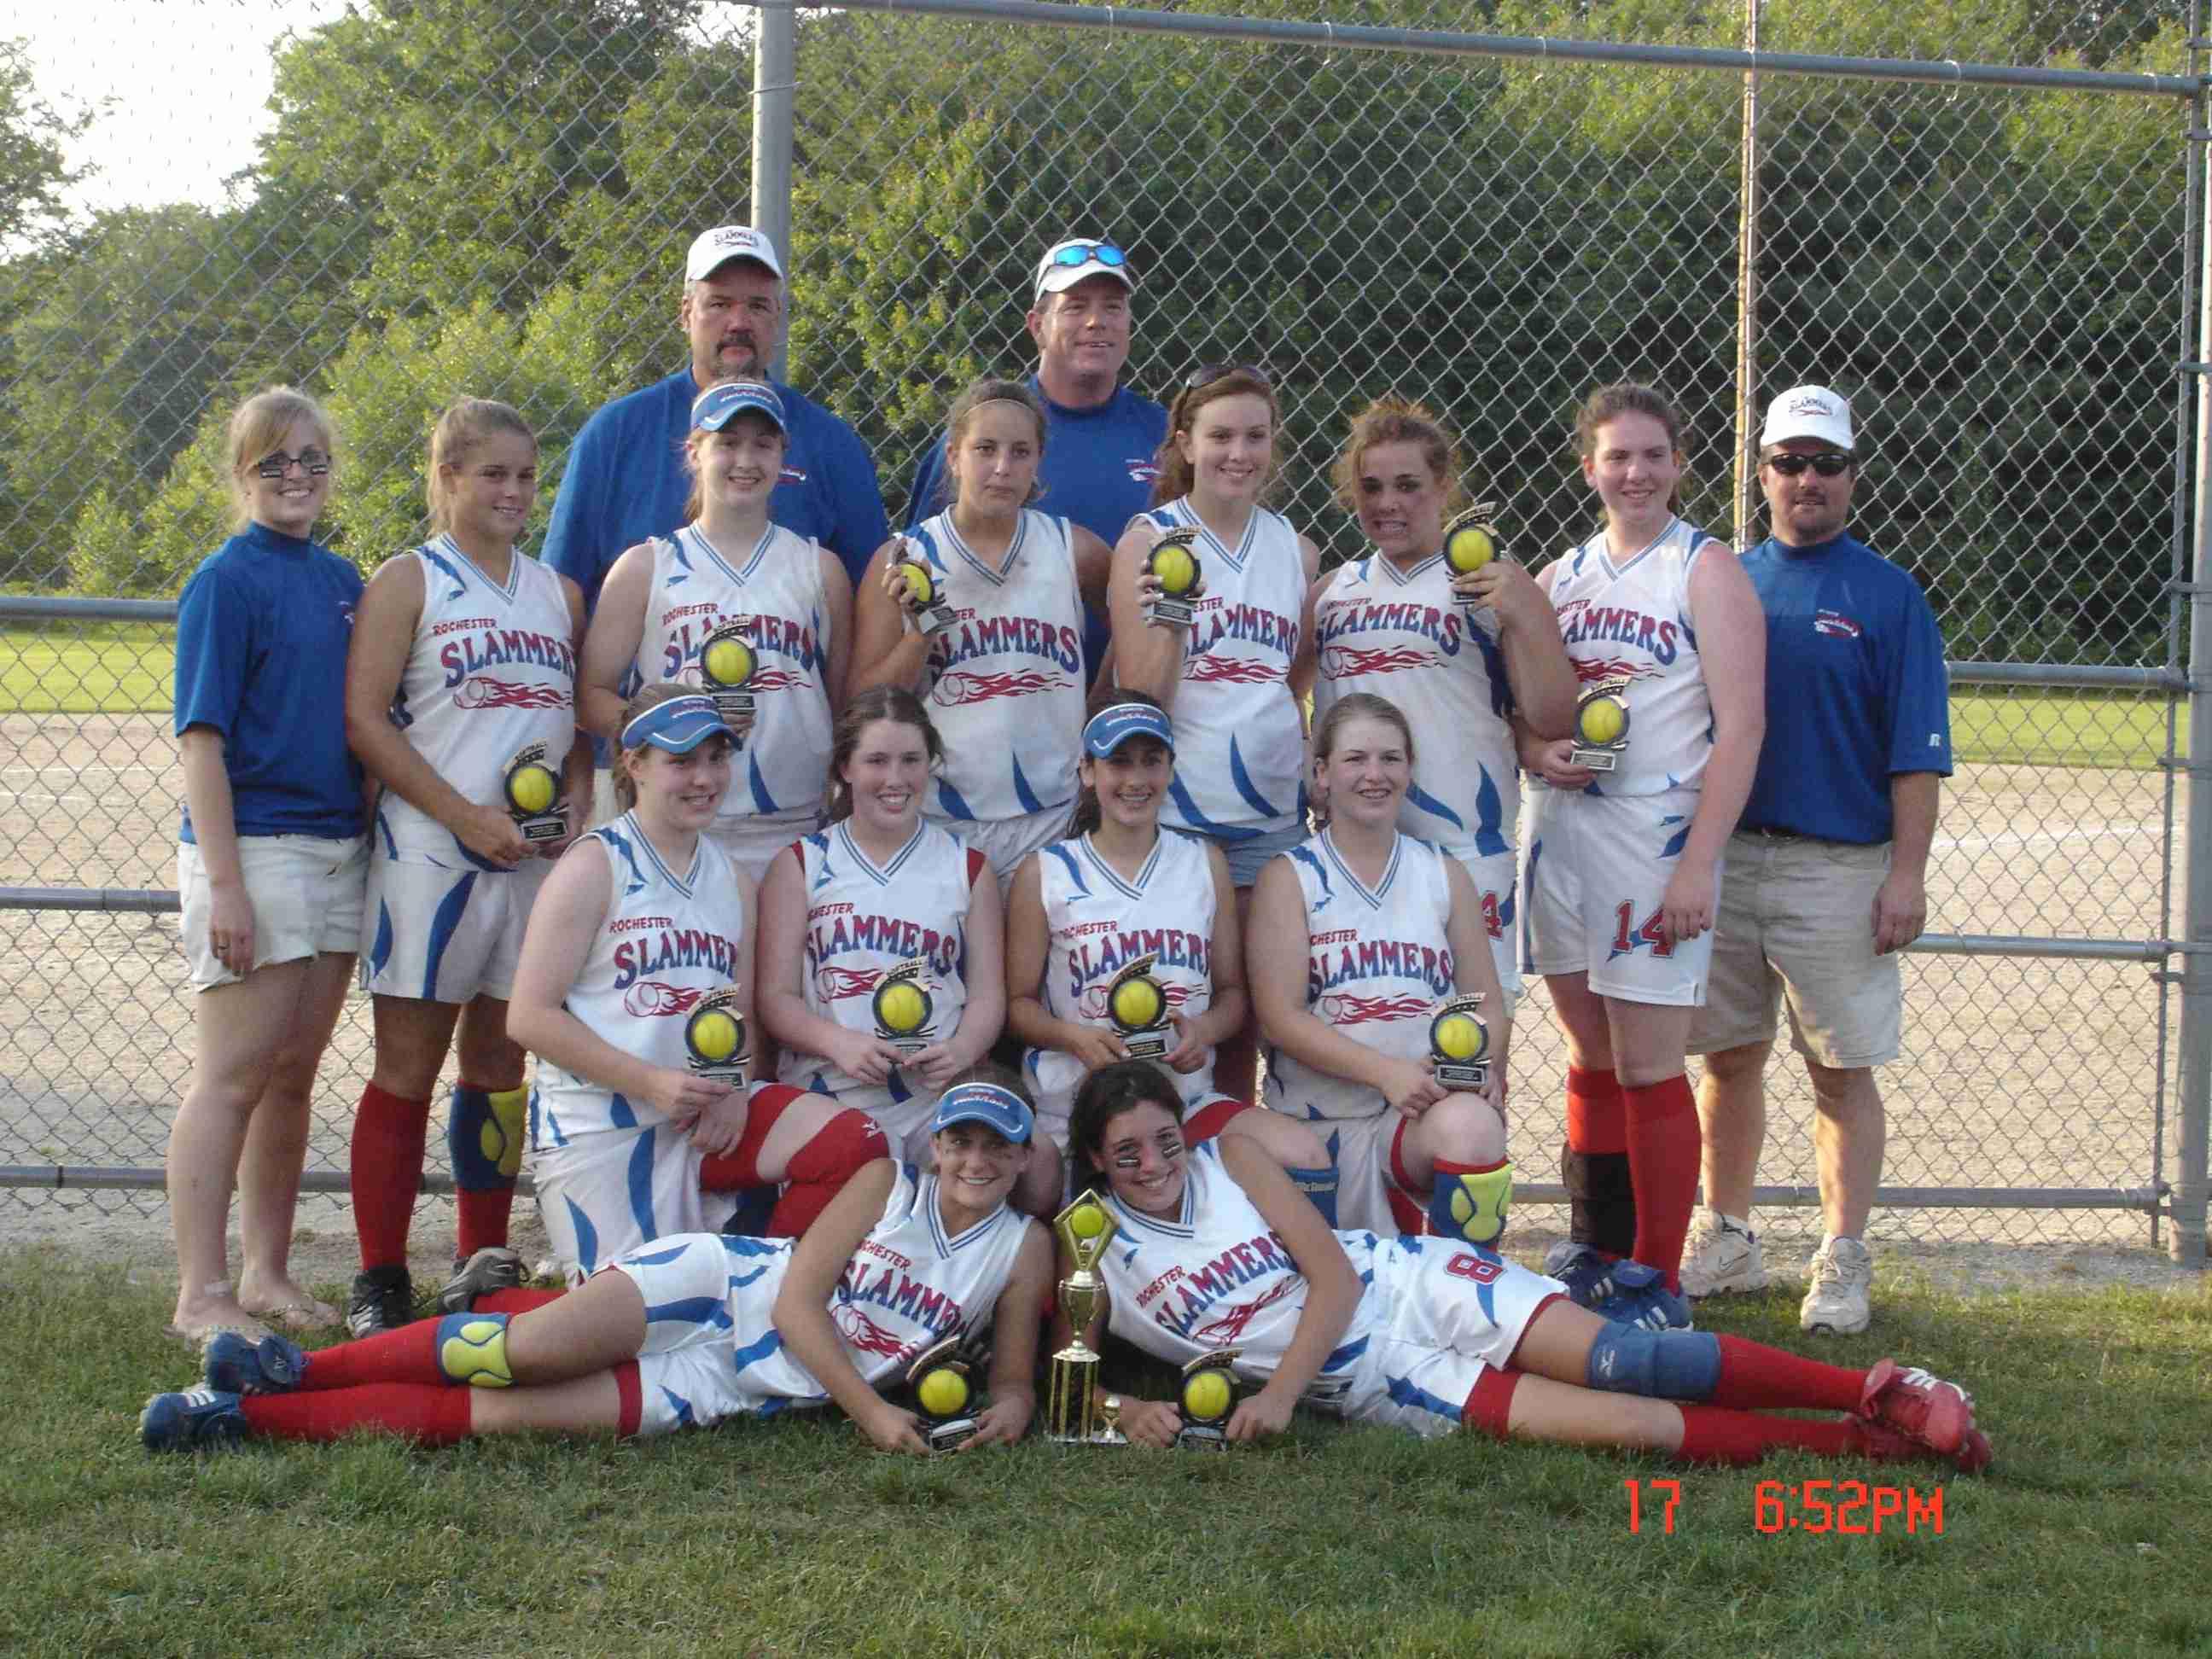 2007 Rochester Slammers